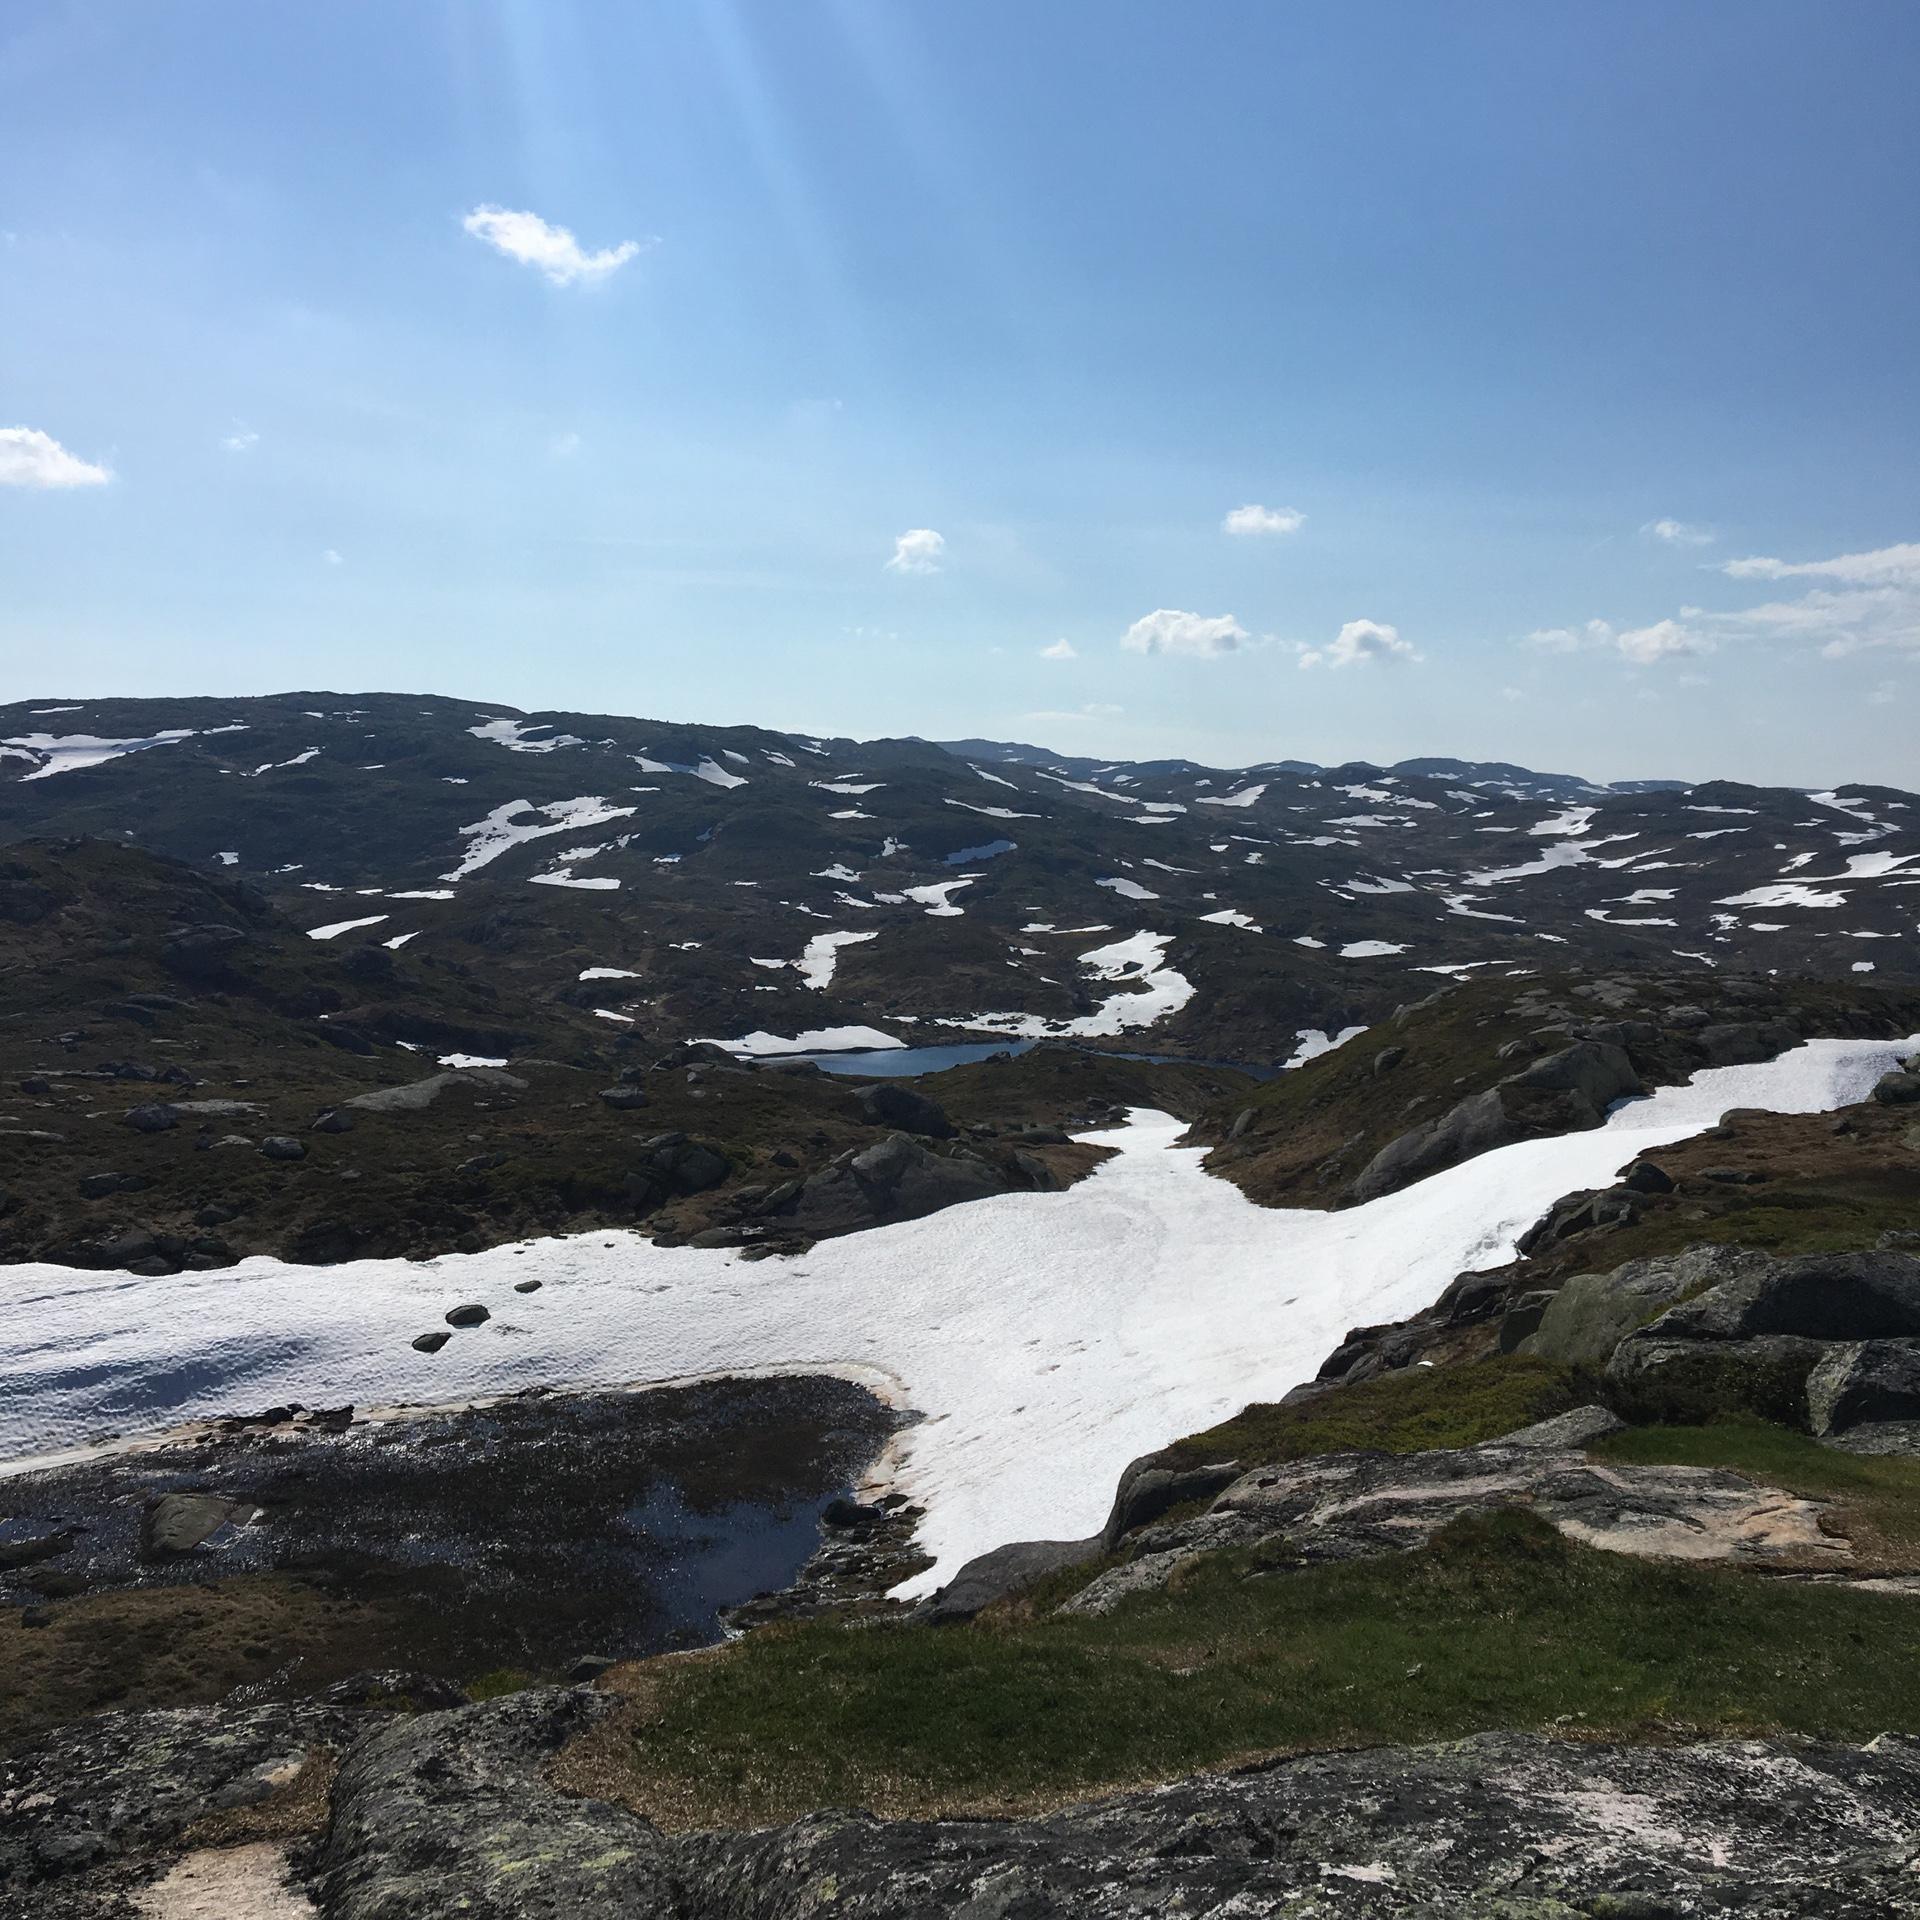 Beklede bergtoppen Noorwegen met sneeuw